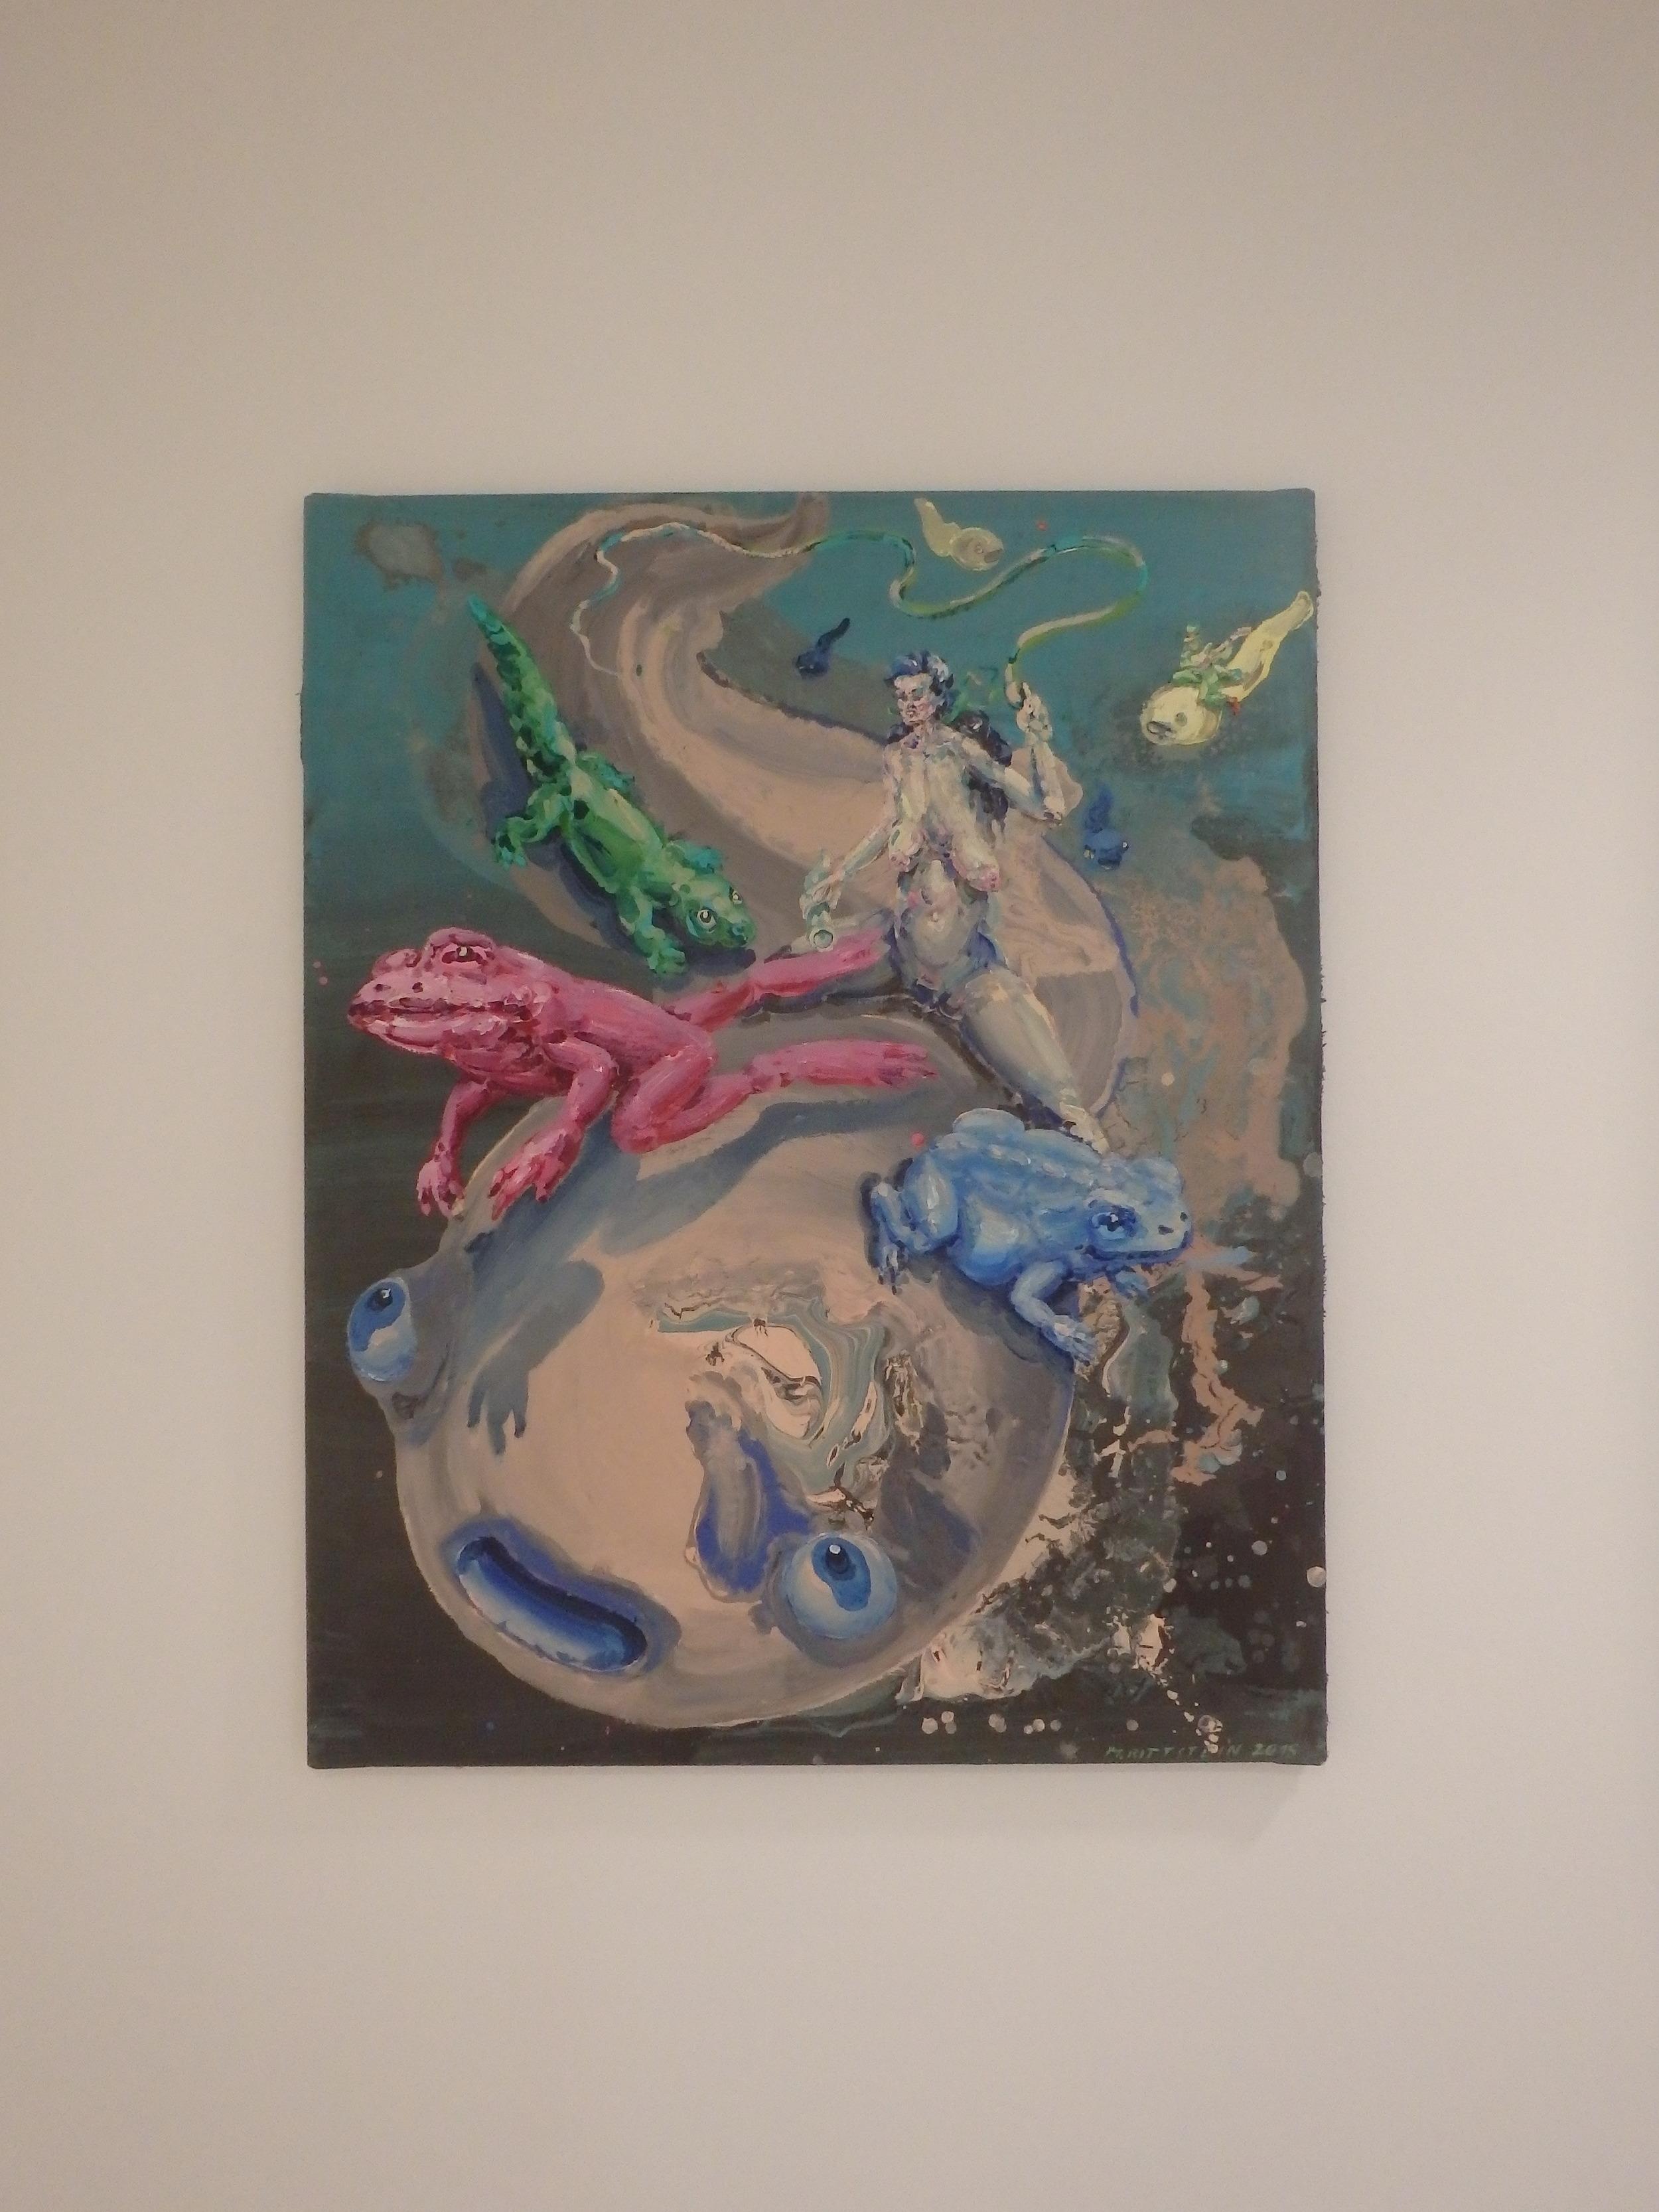 Michael Rittstein, Skoro u dna (na dně), 2015, plátno, akryl, 80 x 100 cm